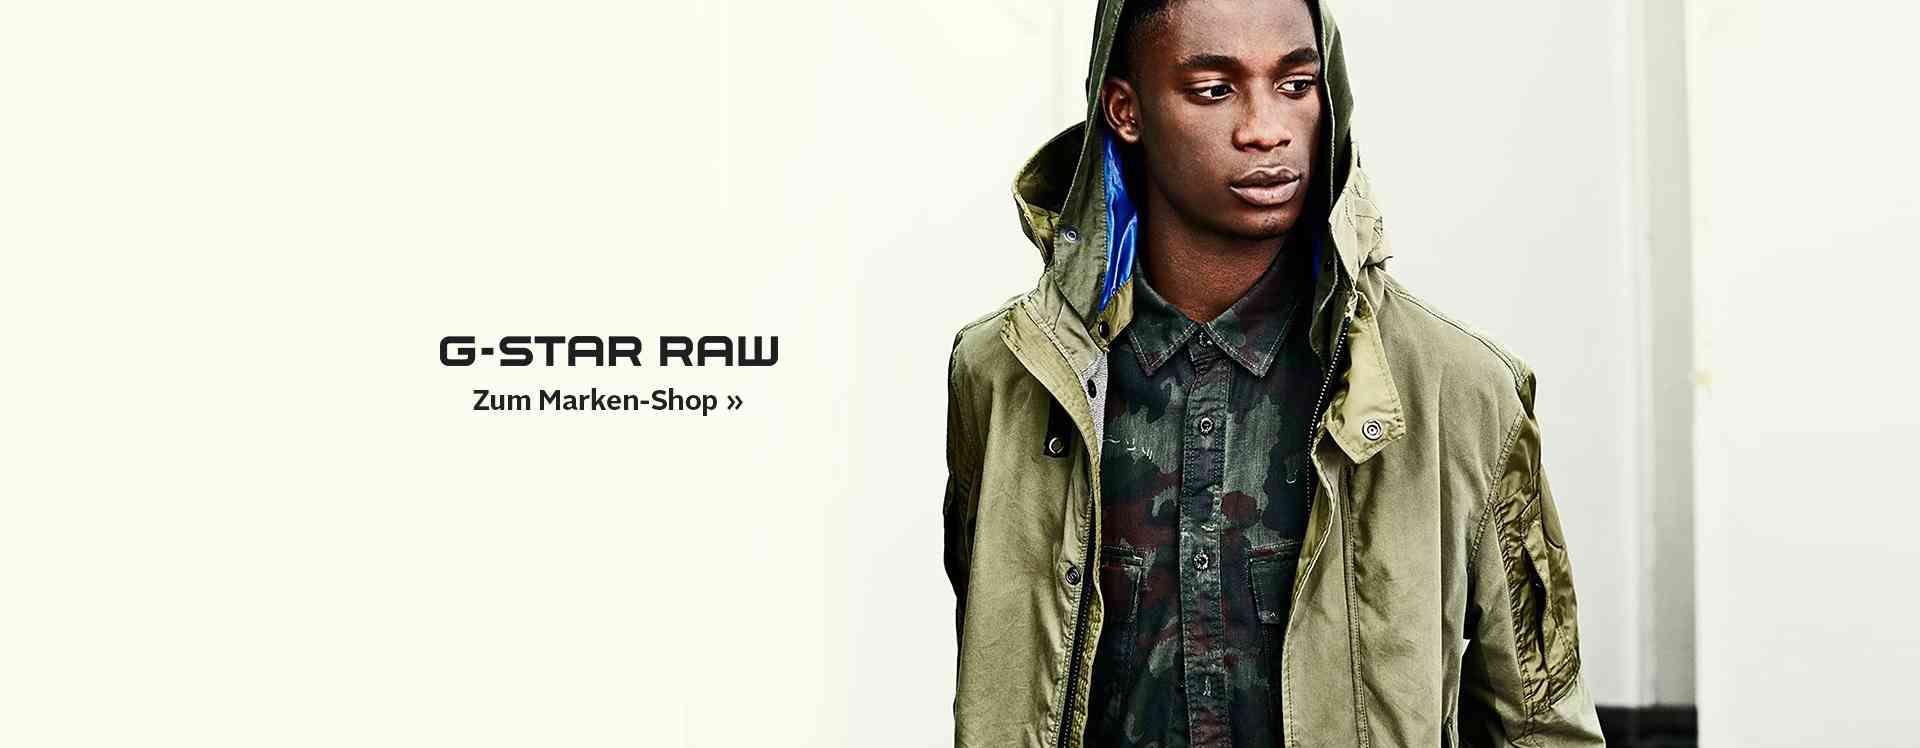 Zum Markenshop von G-Star Raw